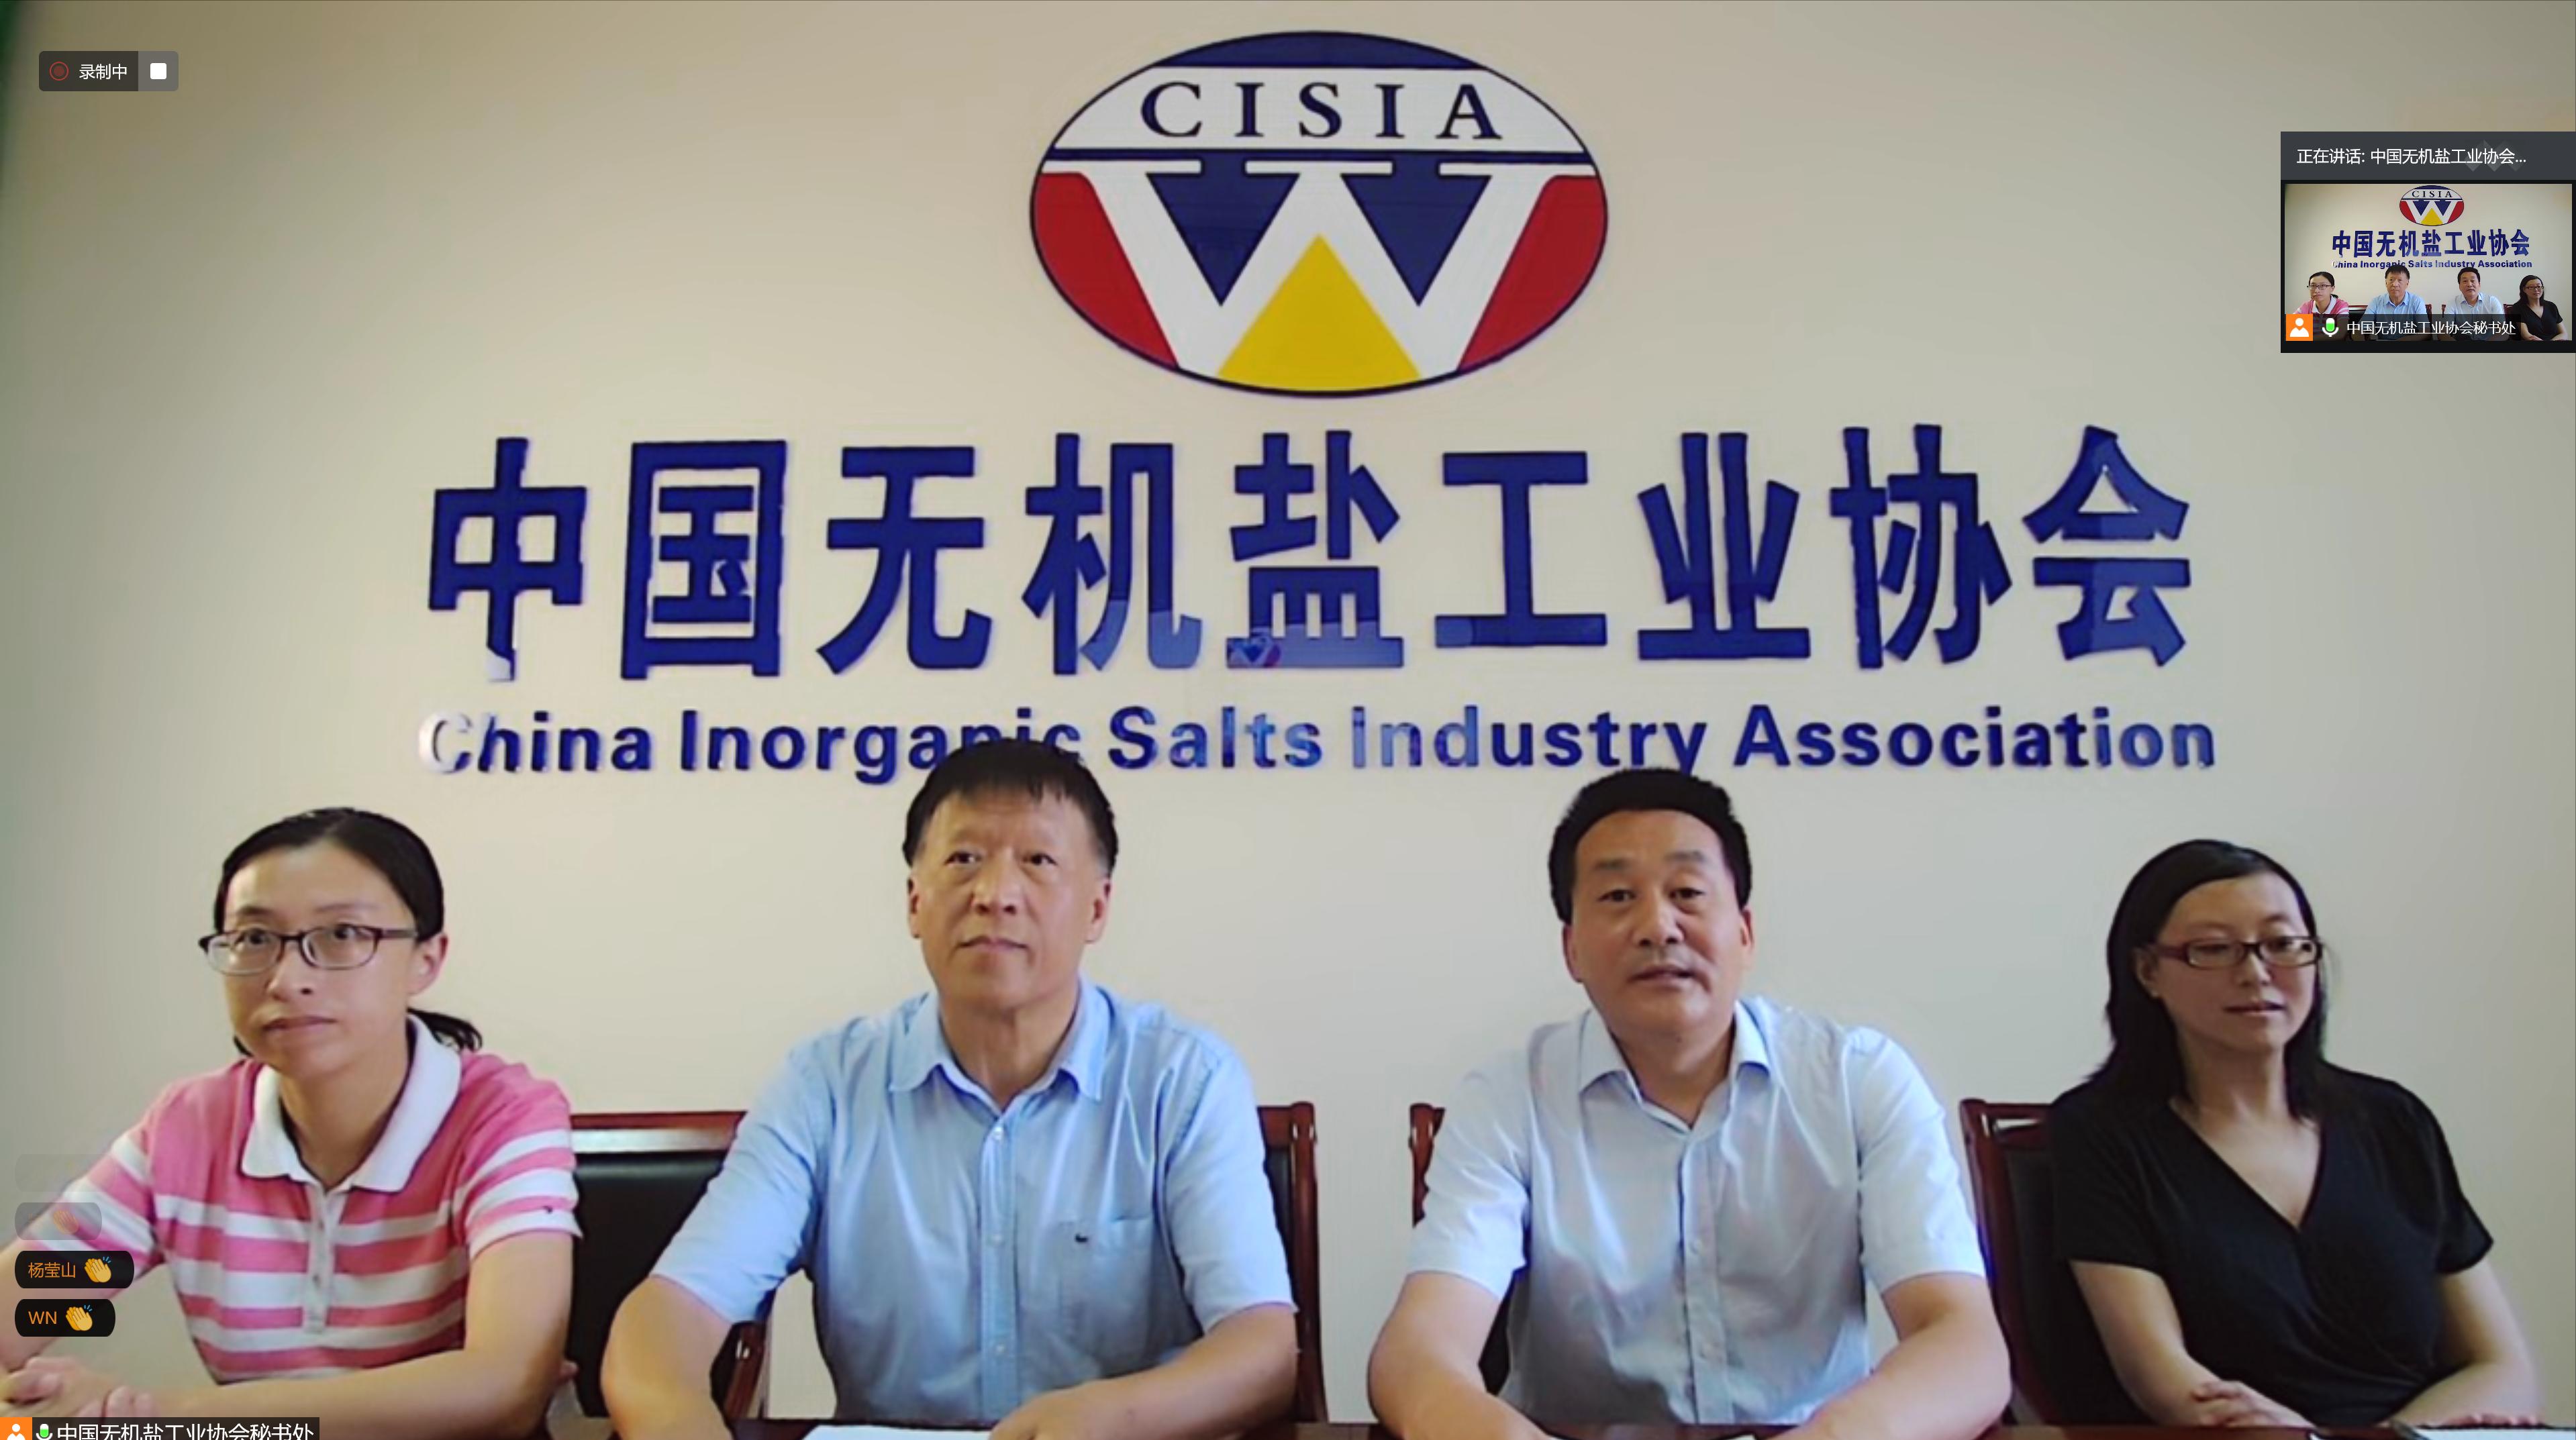 中国无机盐工业协会四届六次理事会成功召开.png